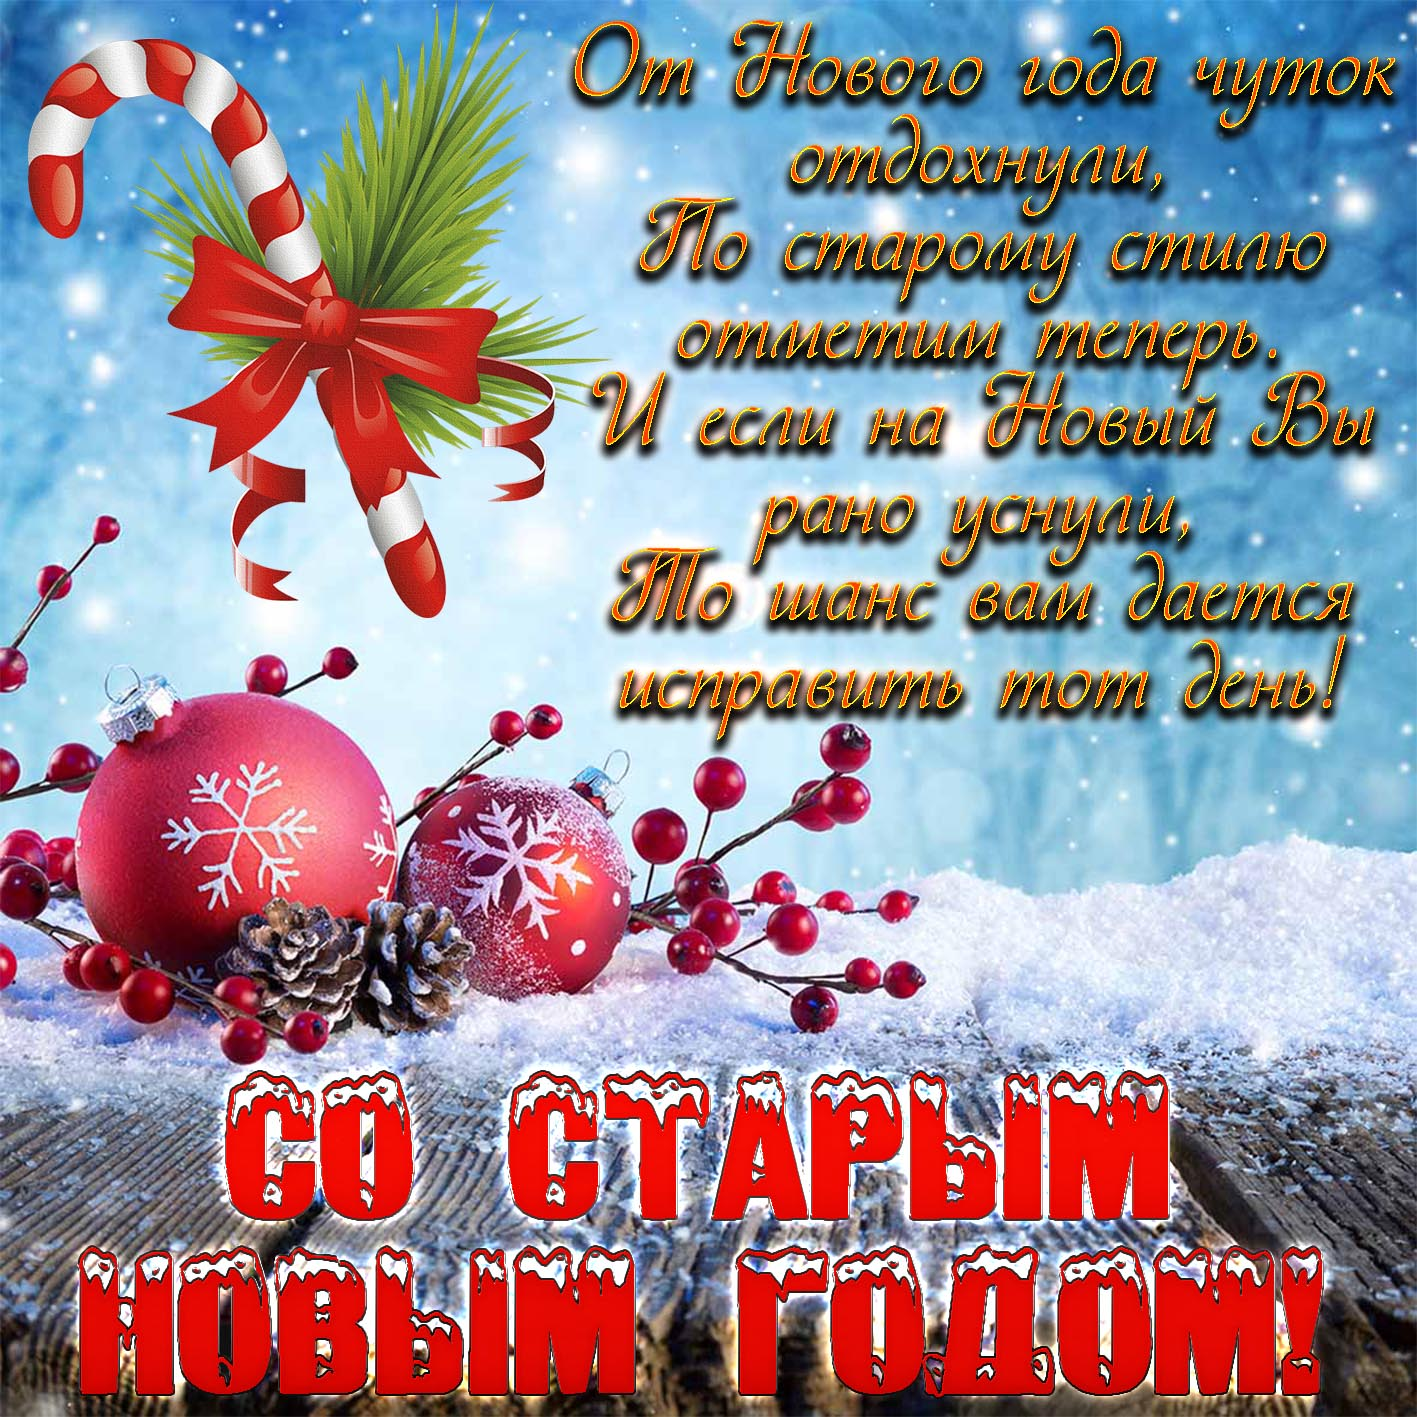 Открытка - ёлочные шары на снегу в Старый Новый год